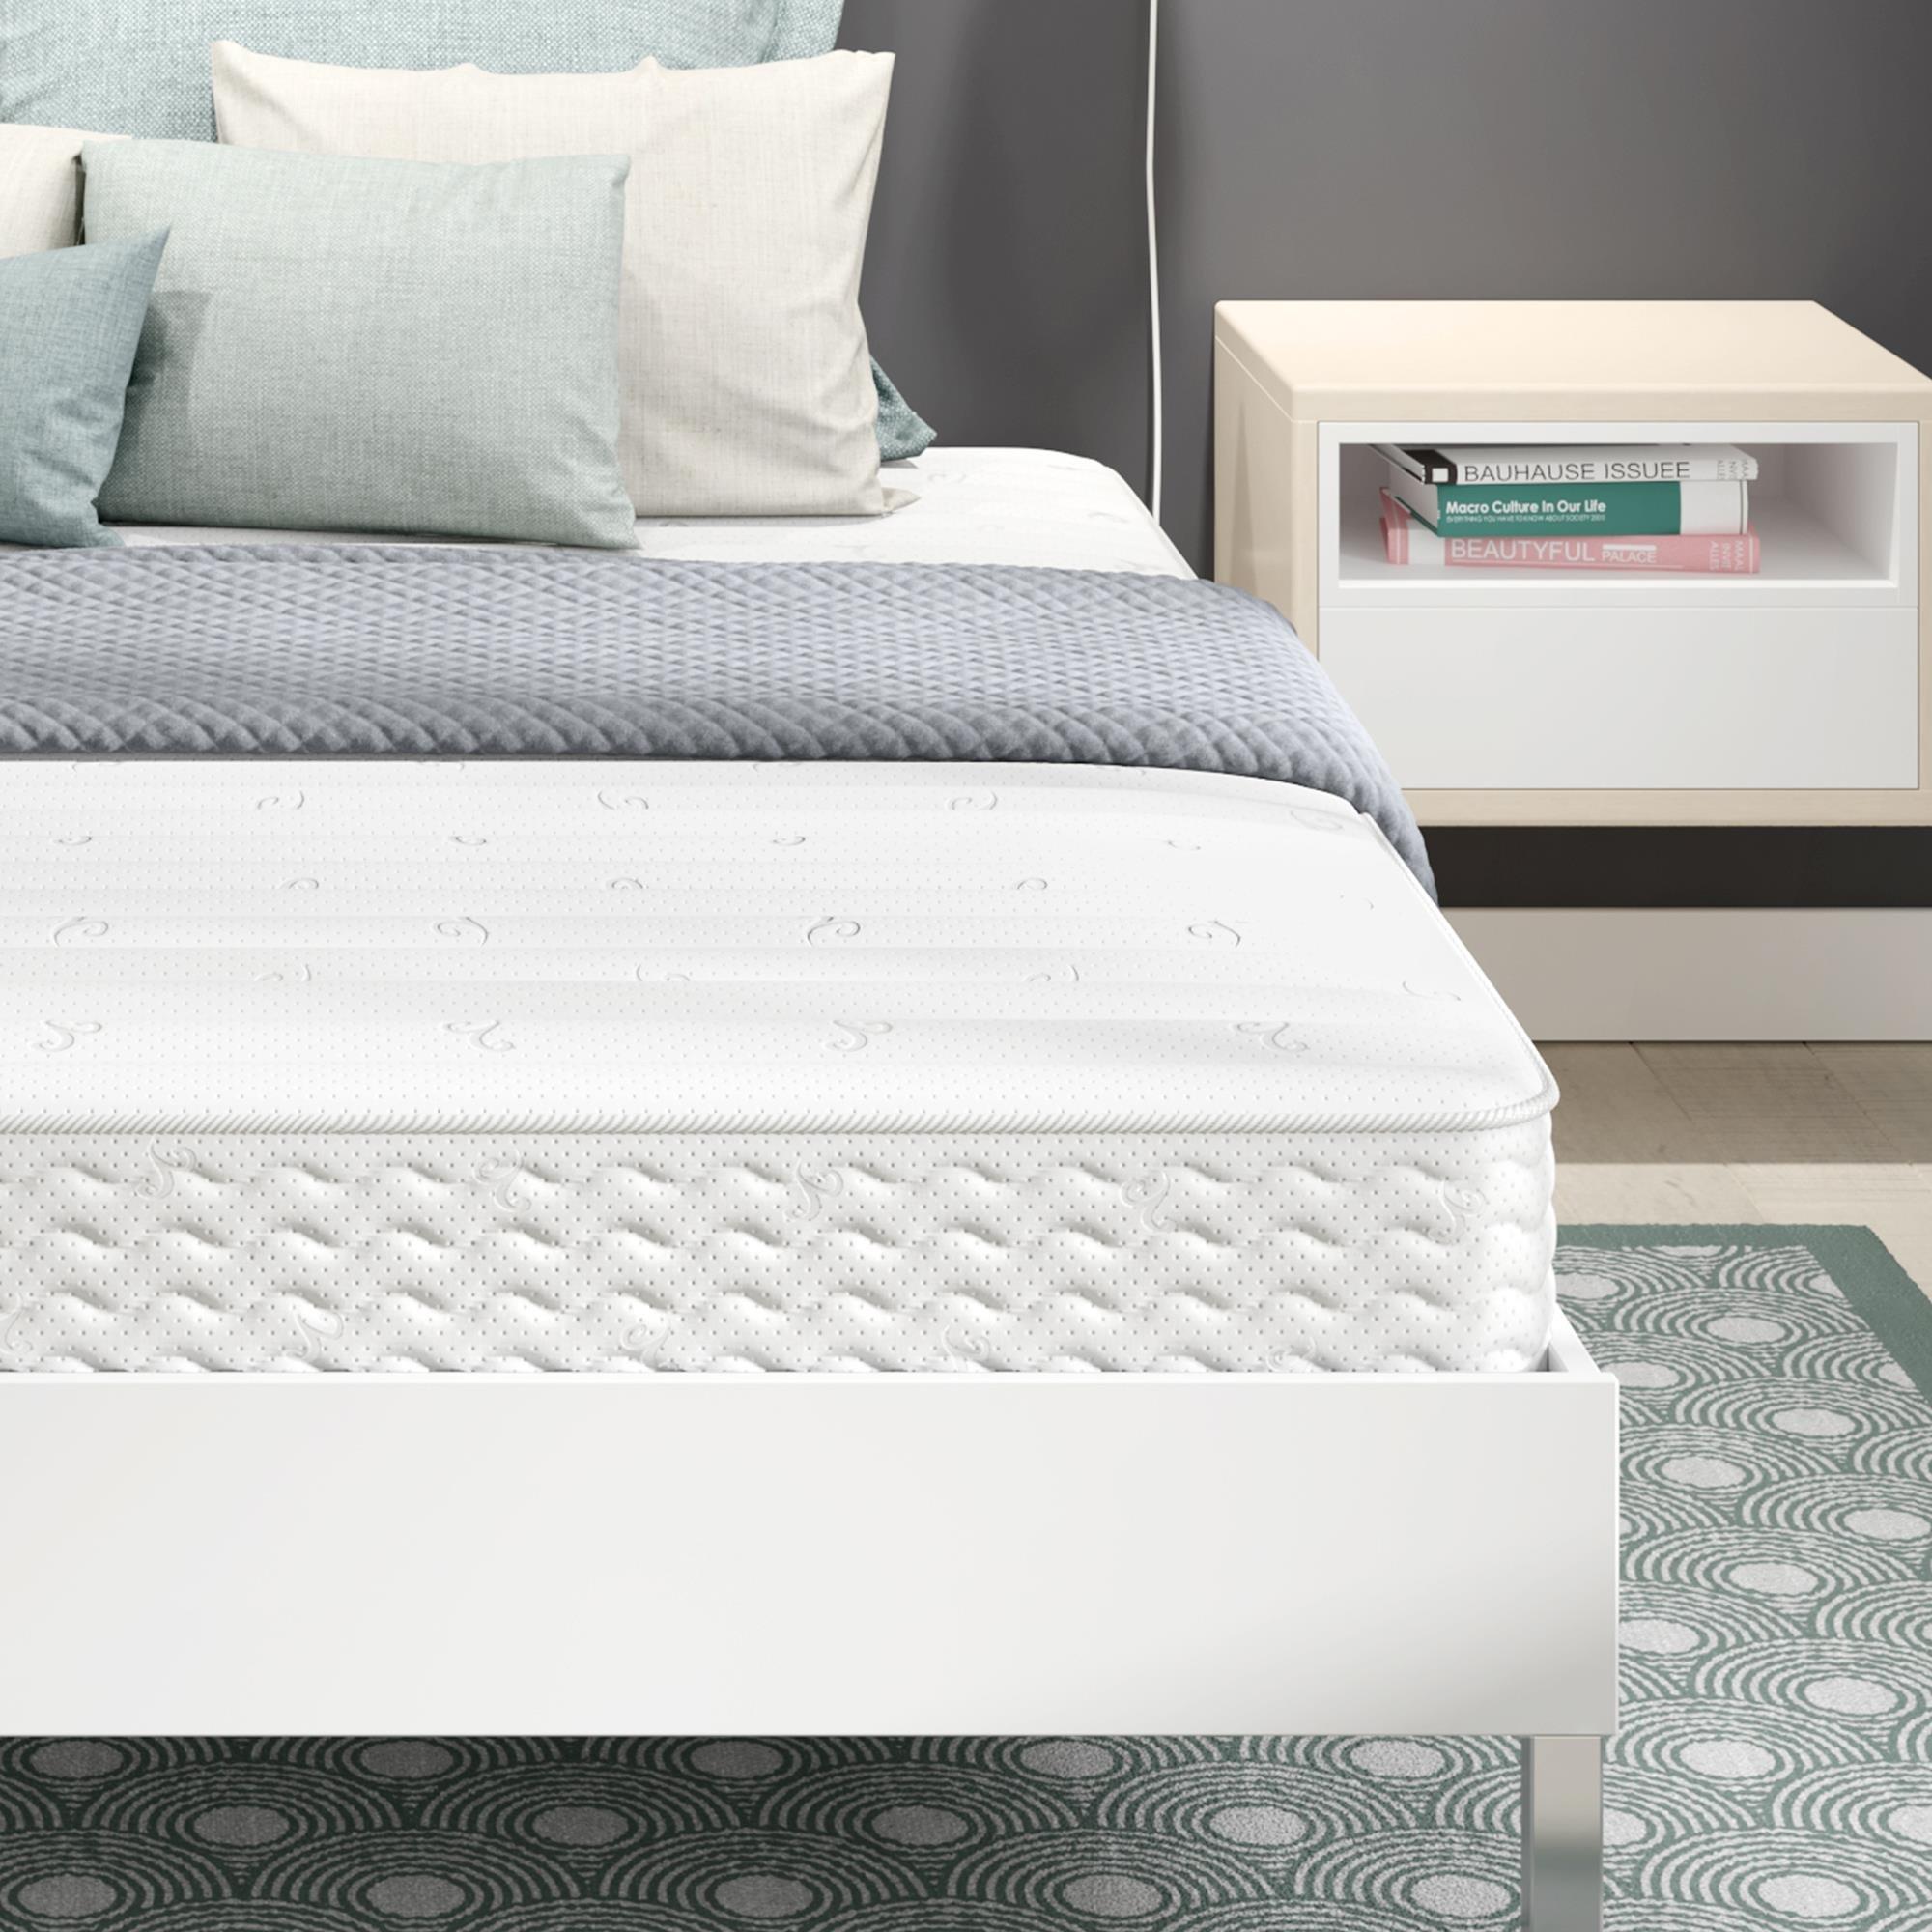 Signature Sleep Mattress, 8 Inch Coil Mattress, Full Size Mattresses